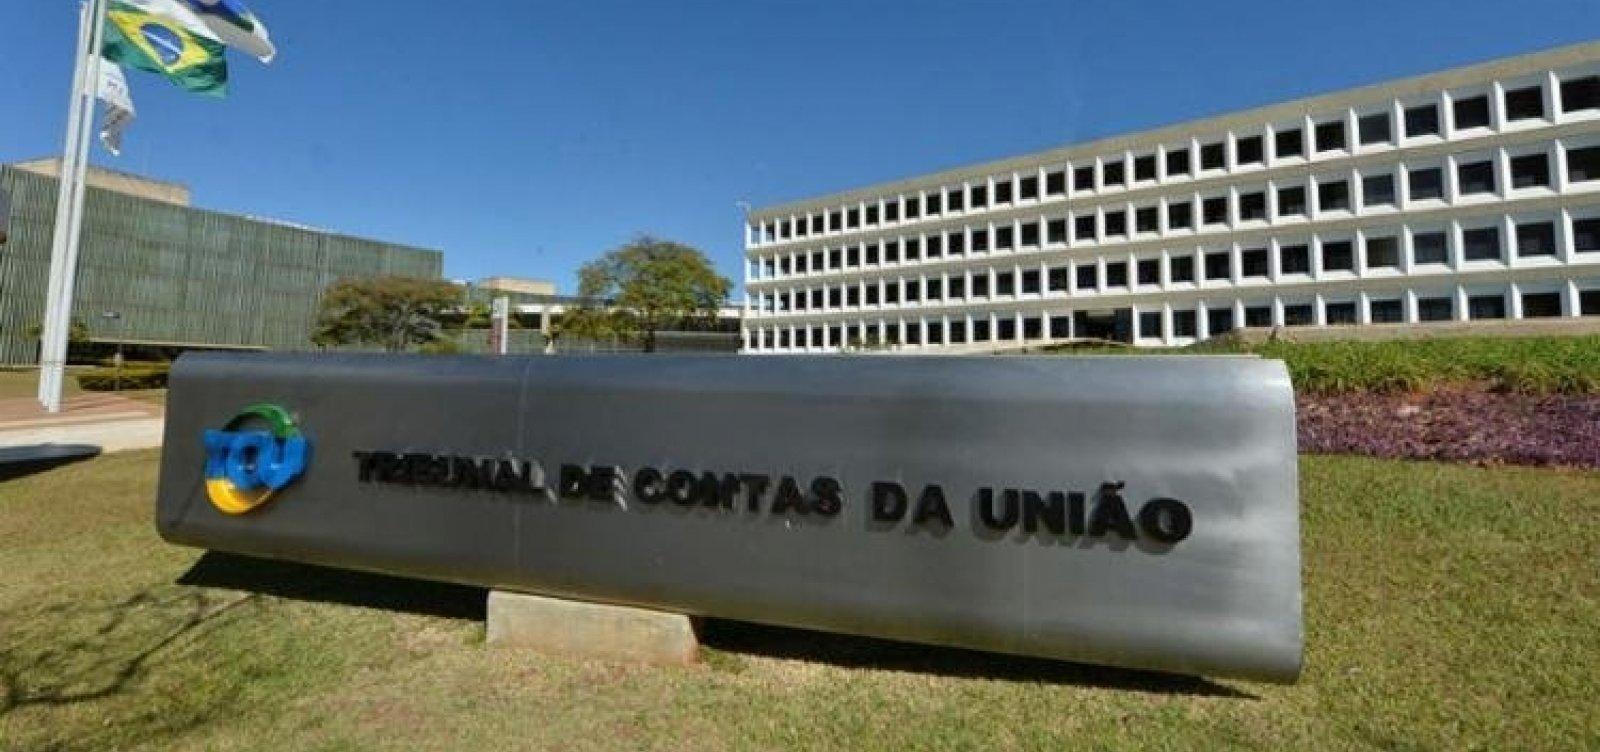 TCU vê indícios de fraude em contratos do governo que somam R$ 500 ...